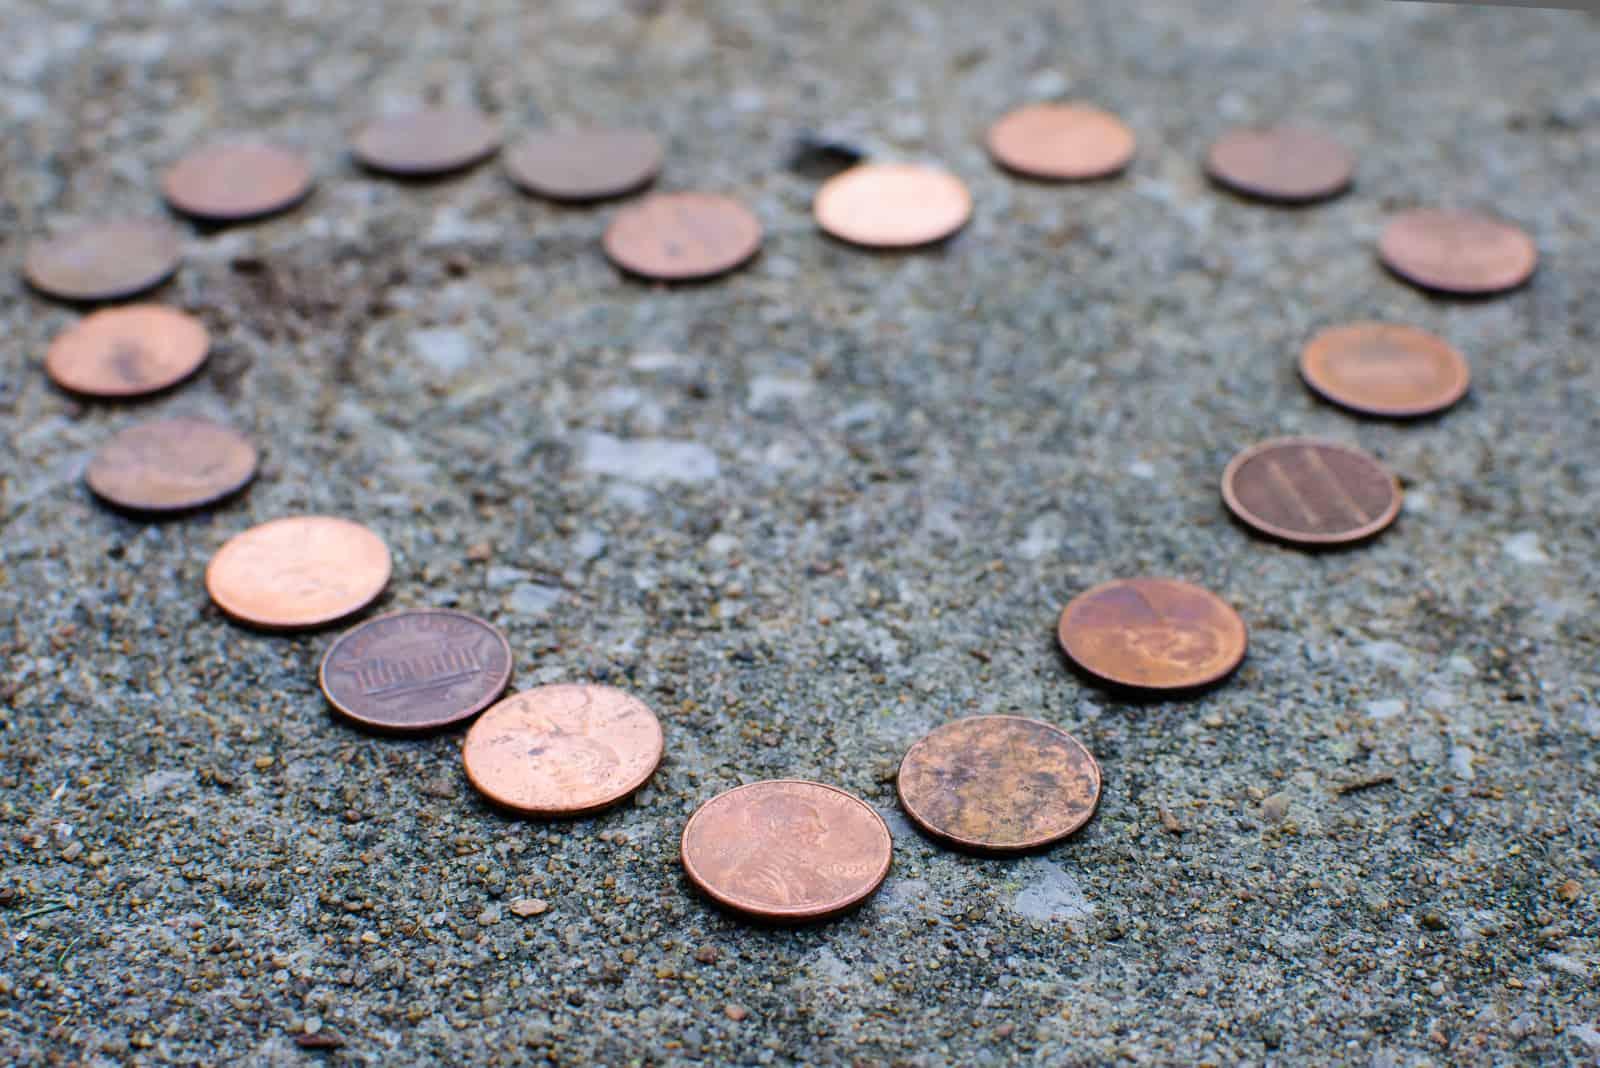 Herzform von Kupfermünzen